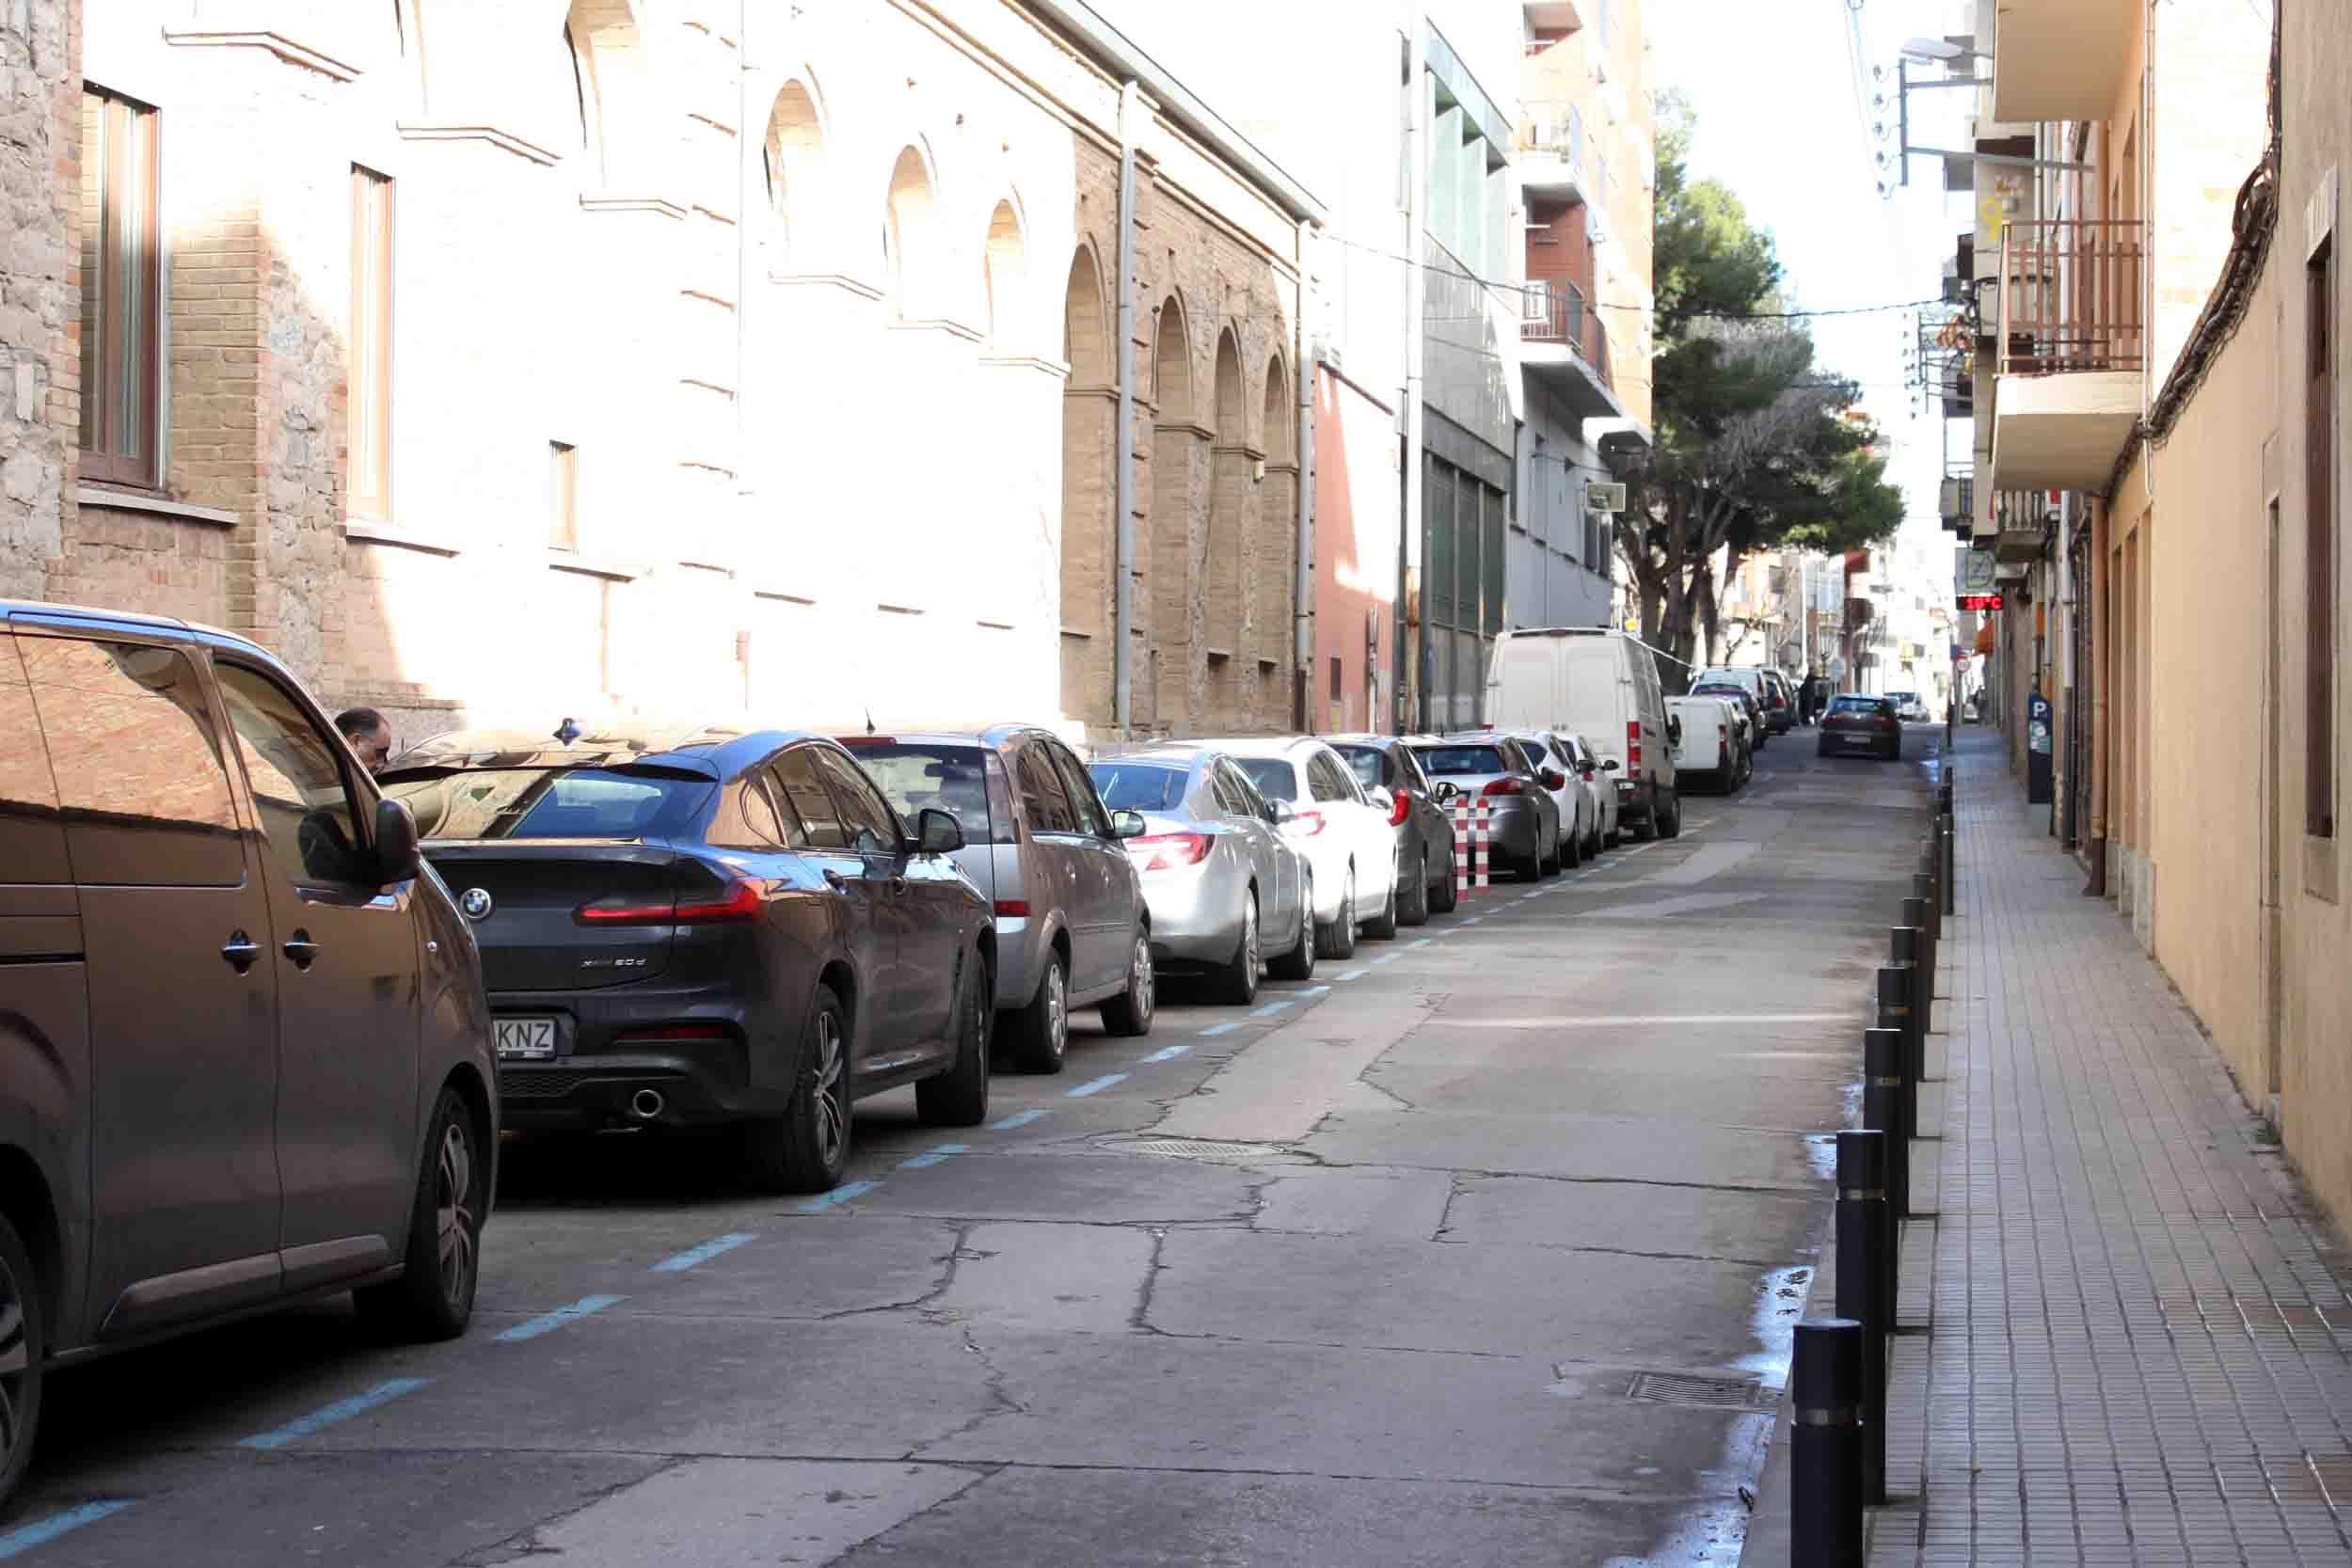 L'Ajuntament de Tàrrega traurà a licitació durant el novembre les obres de renovació del carrer de Jacint Verdaguer